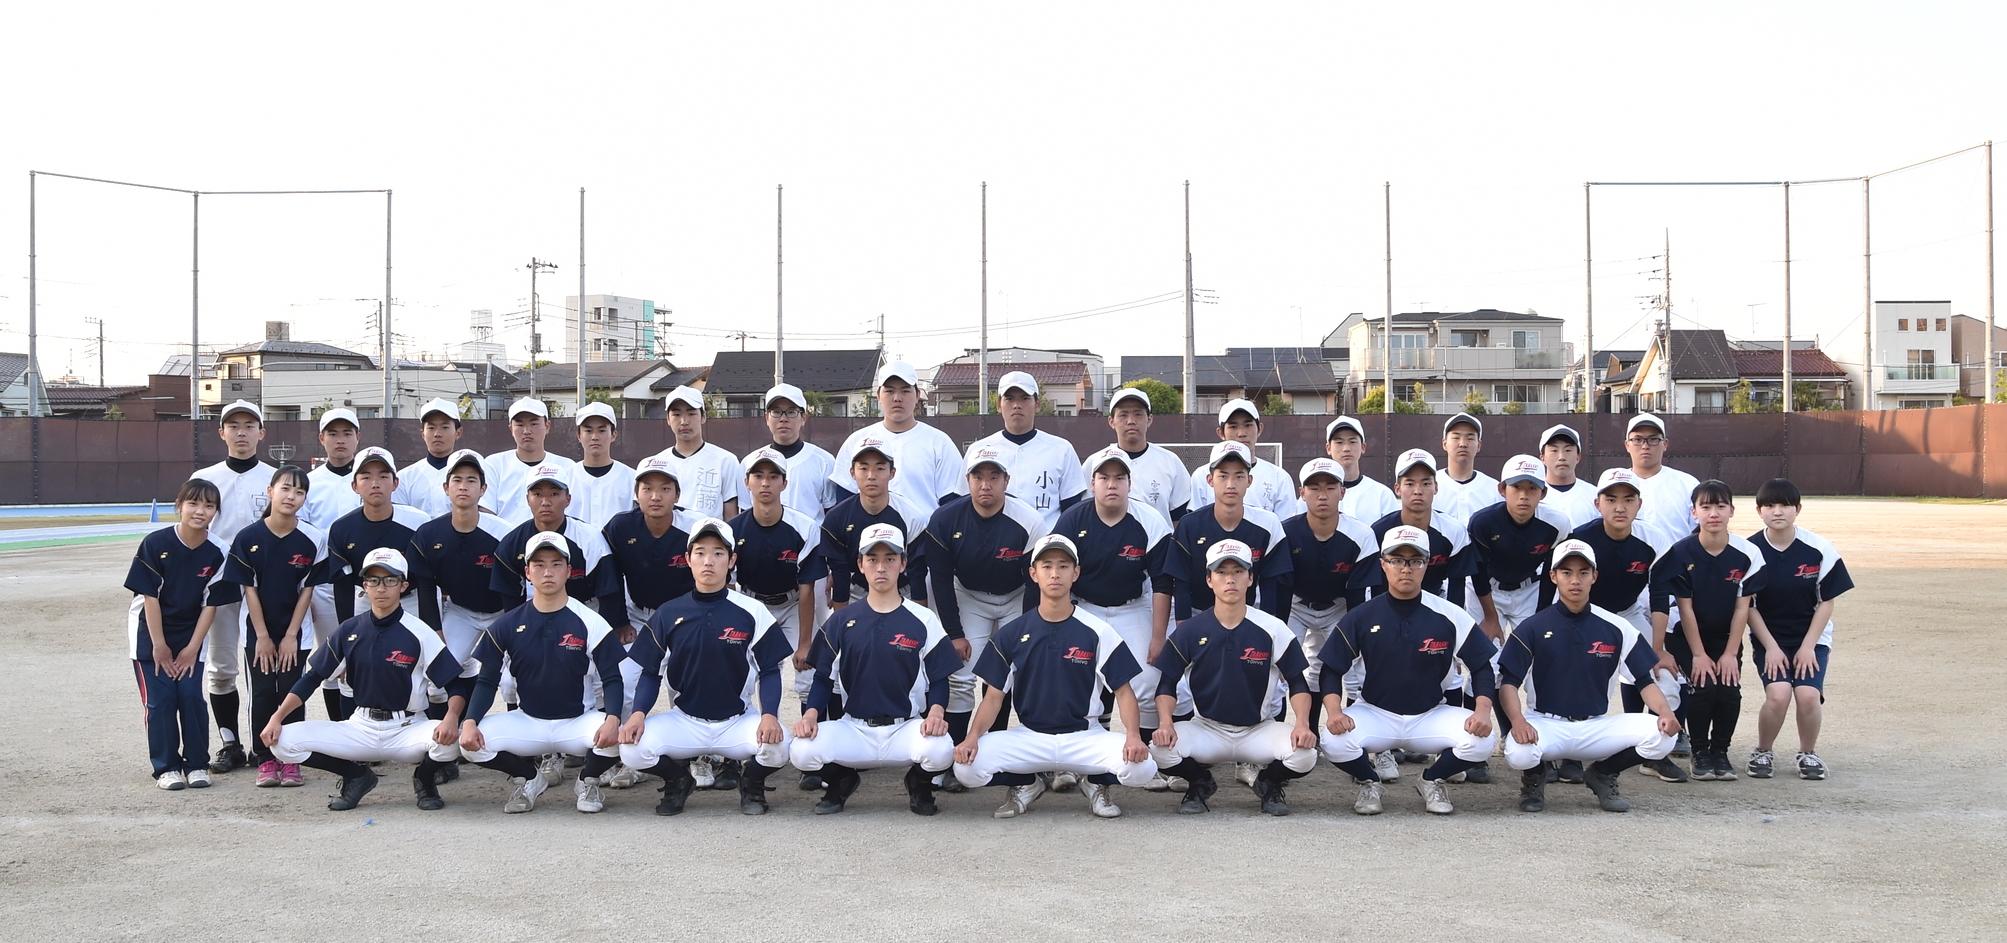 【板橋 野球部】  「心繋」 #板橋